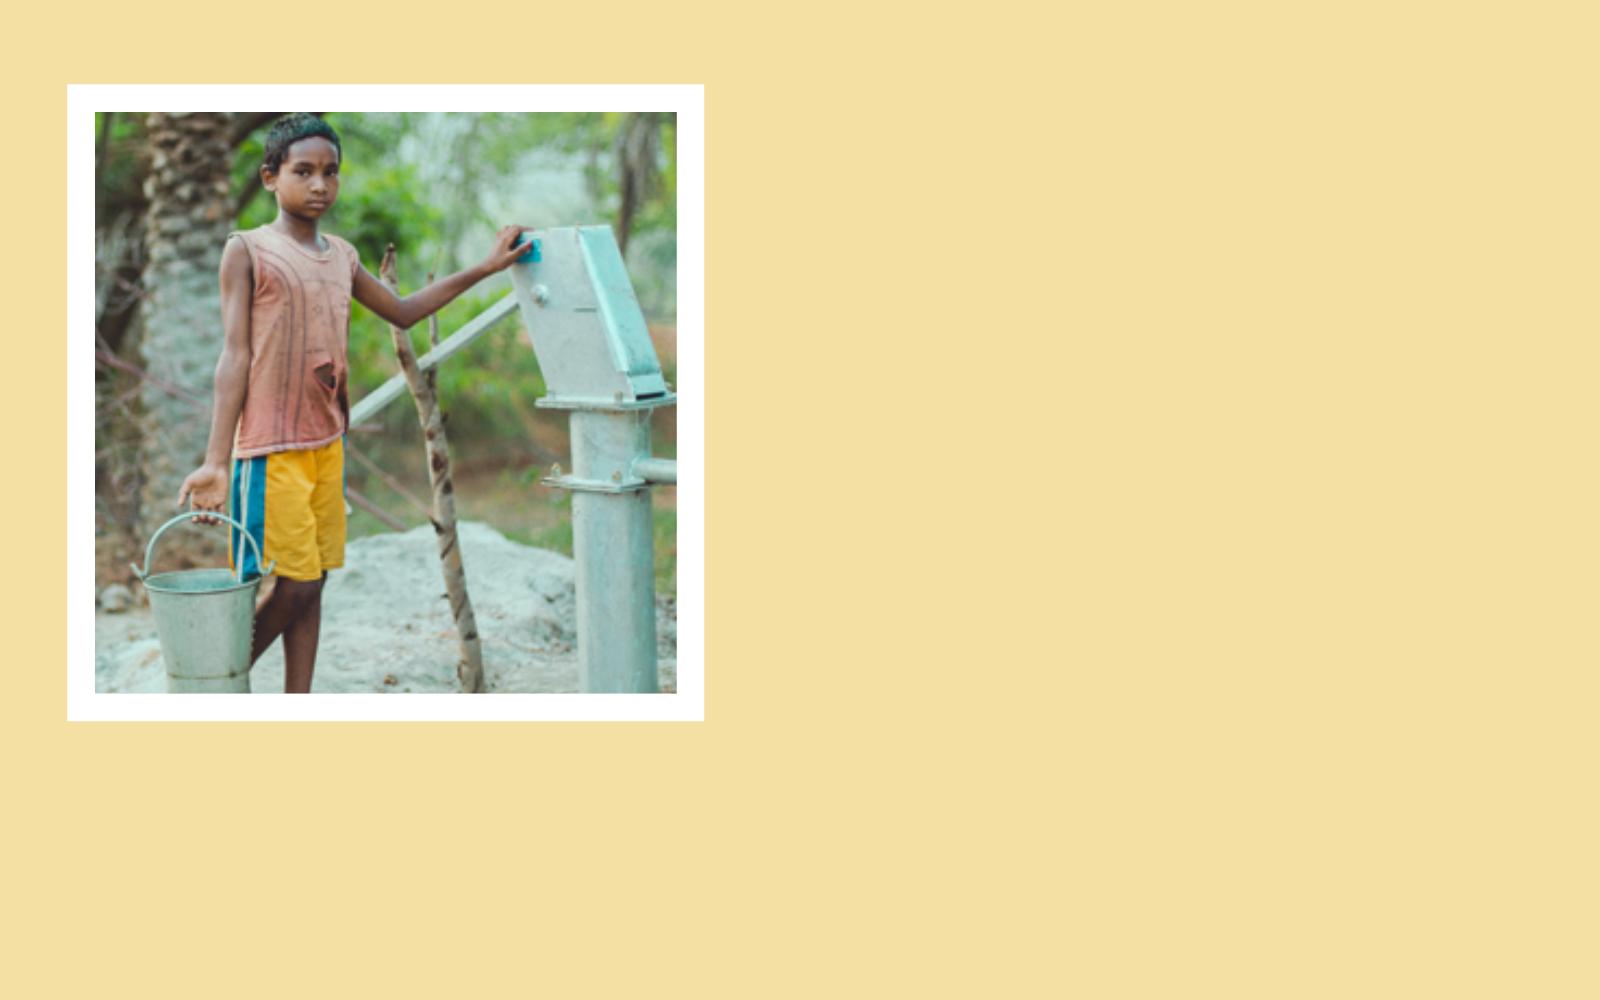 I'll bring help and hope to Jatapara image